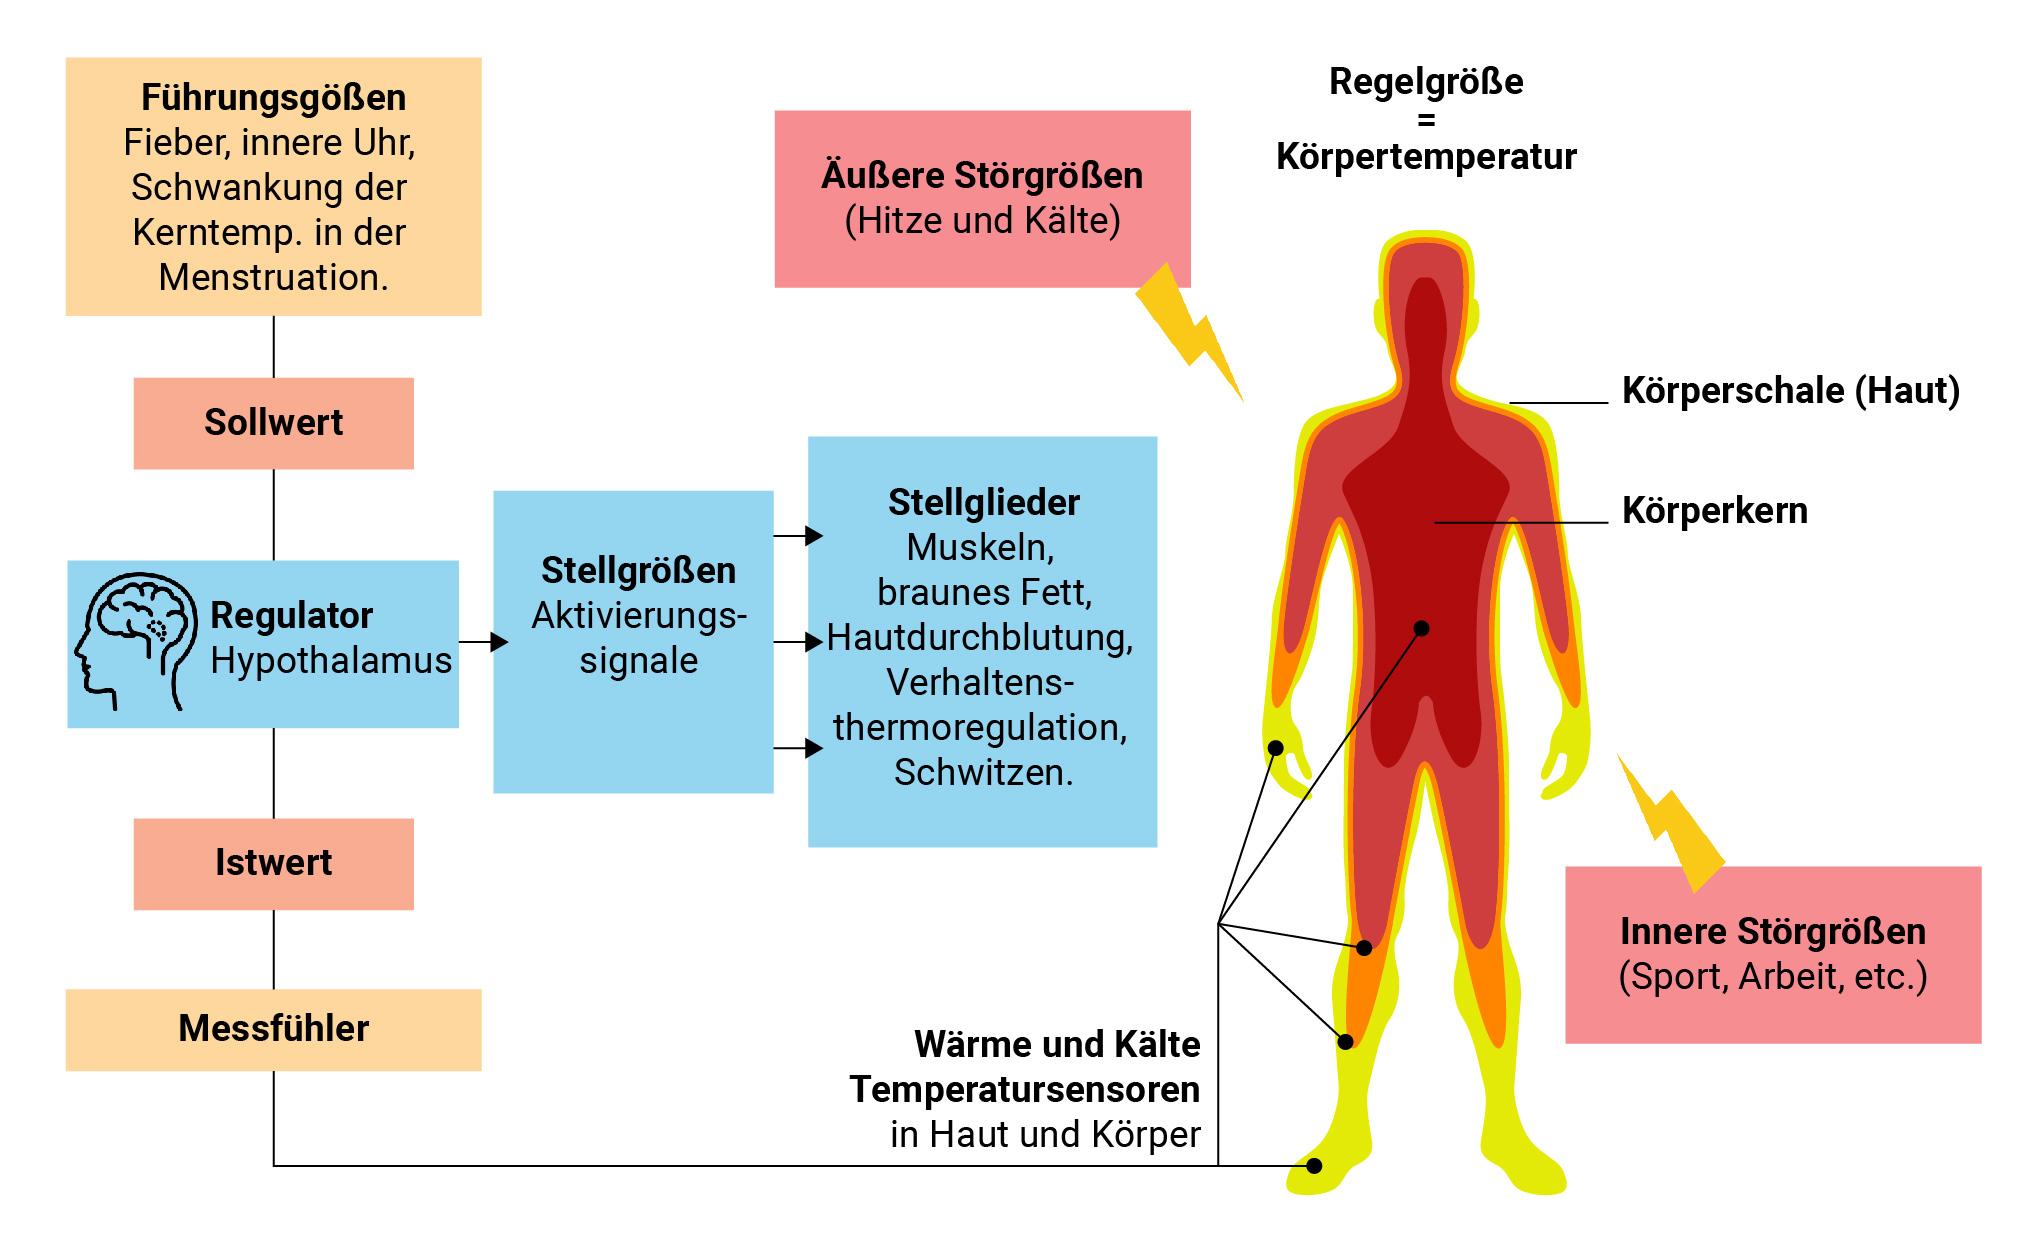 Darstellung, wie die Körpertemperatur beeinflusst, erkannt und reguliert wird.